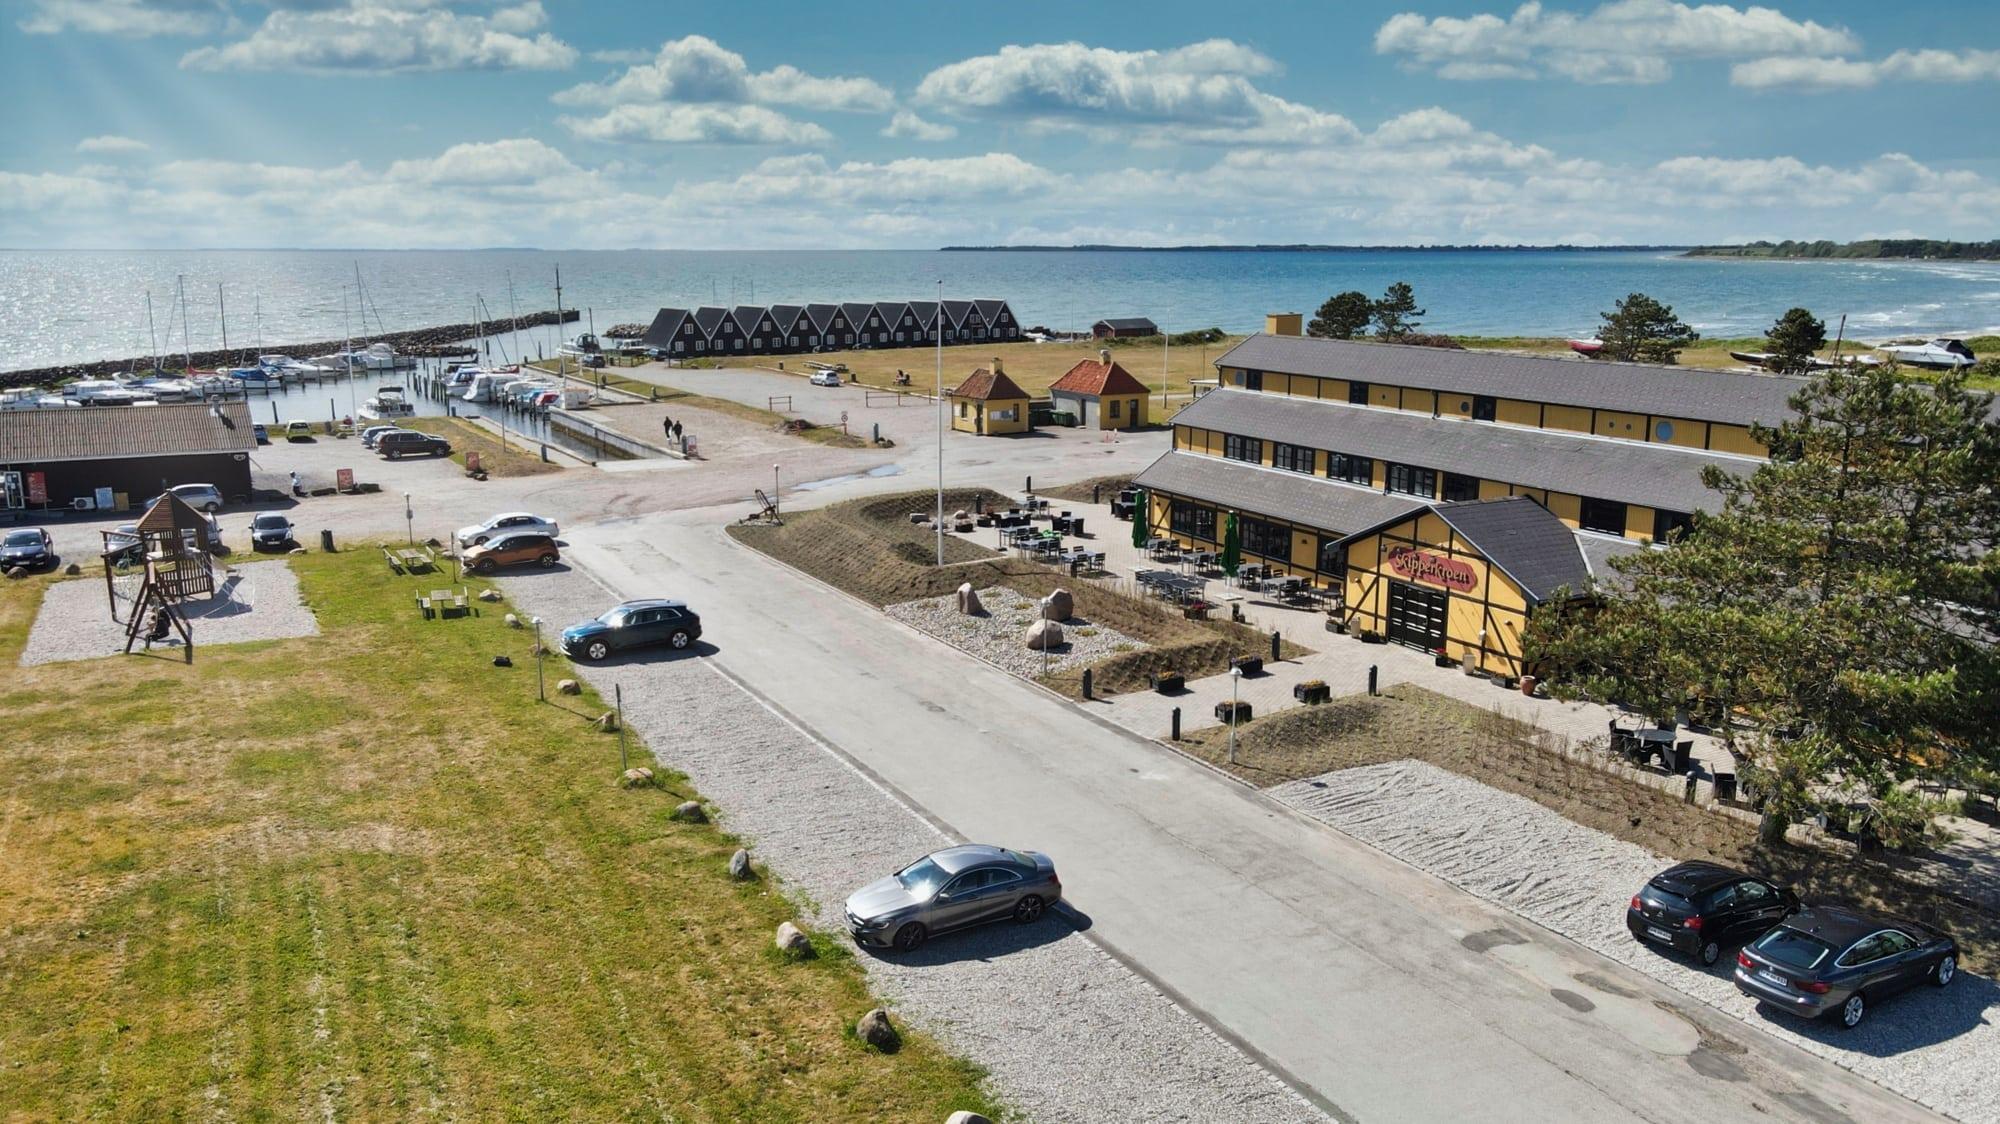 Sjællands nye 'go-to' destination